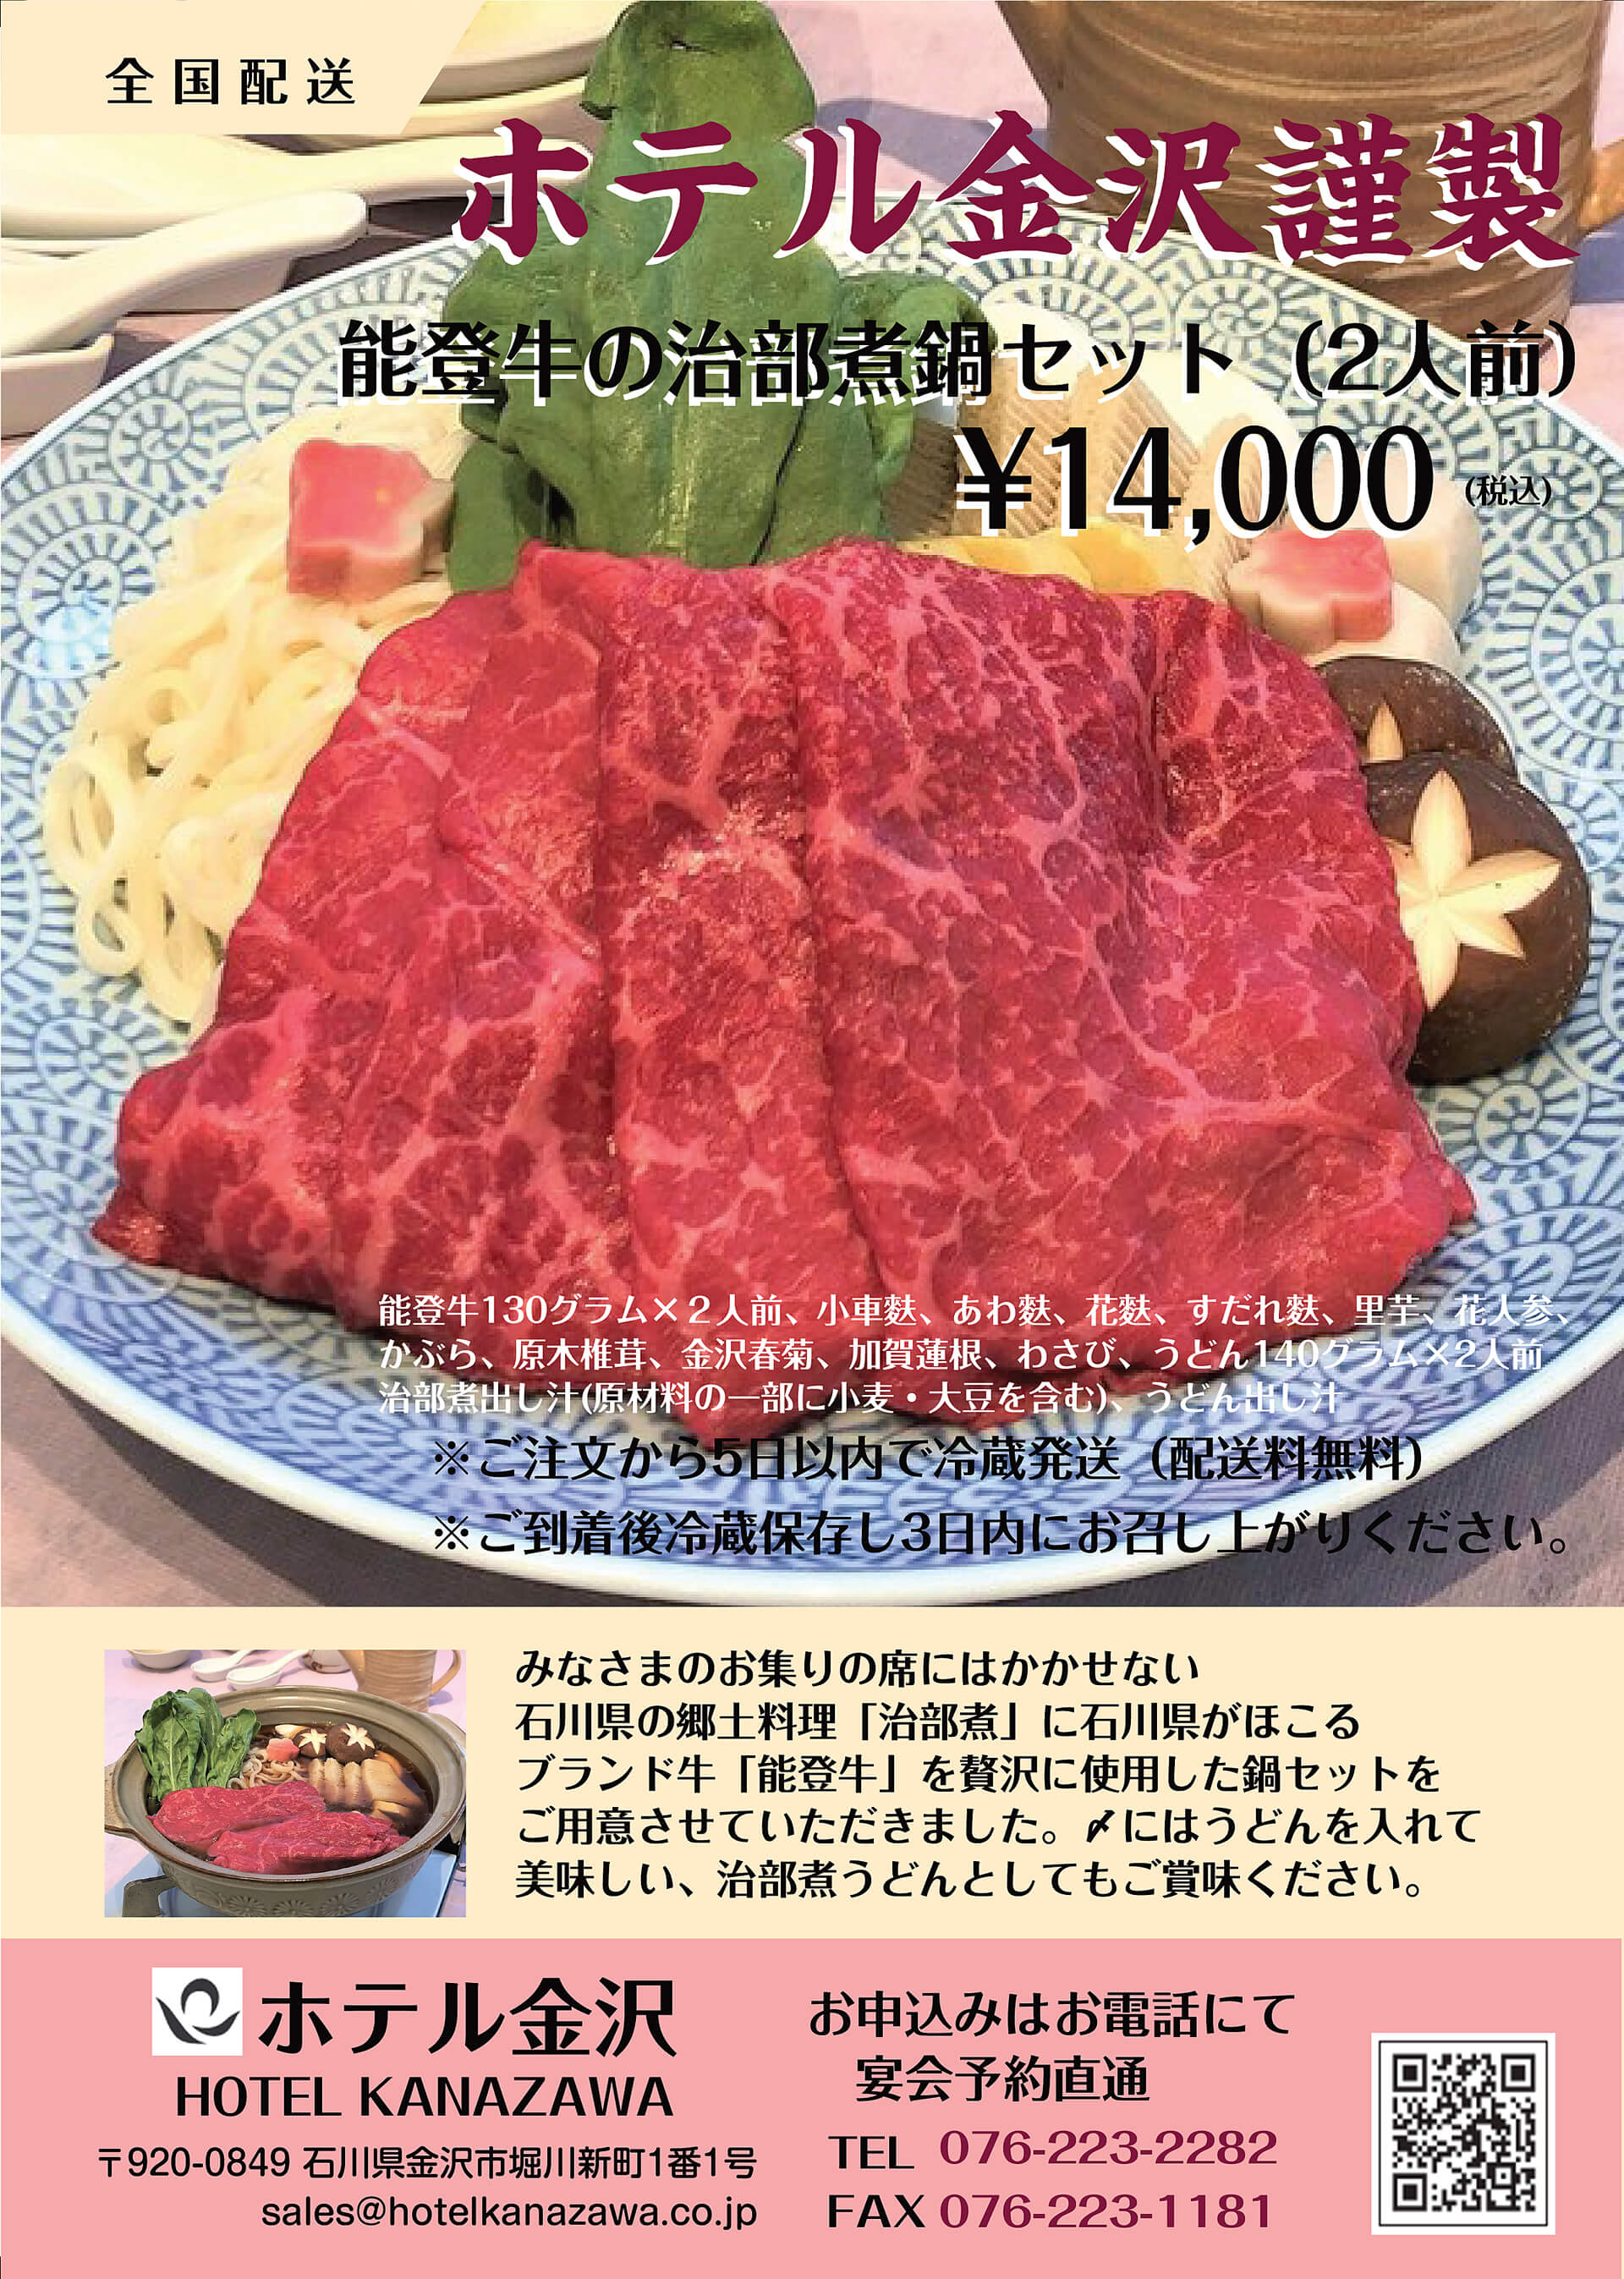 ⽯川県がほこるブランド⽜「能登⽜」を贅沢に使⽤した「治部煮鍋セット」送料無料で販売開始!